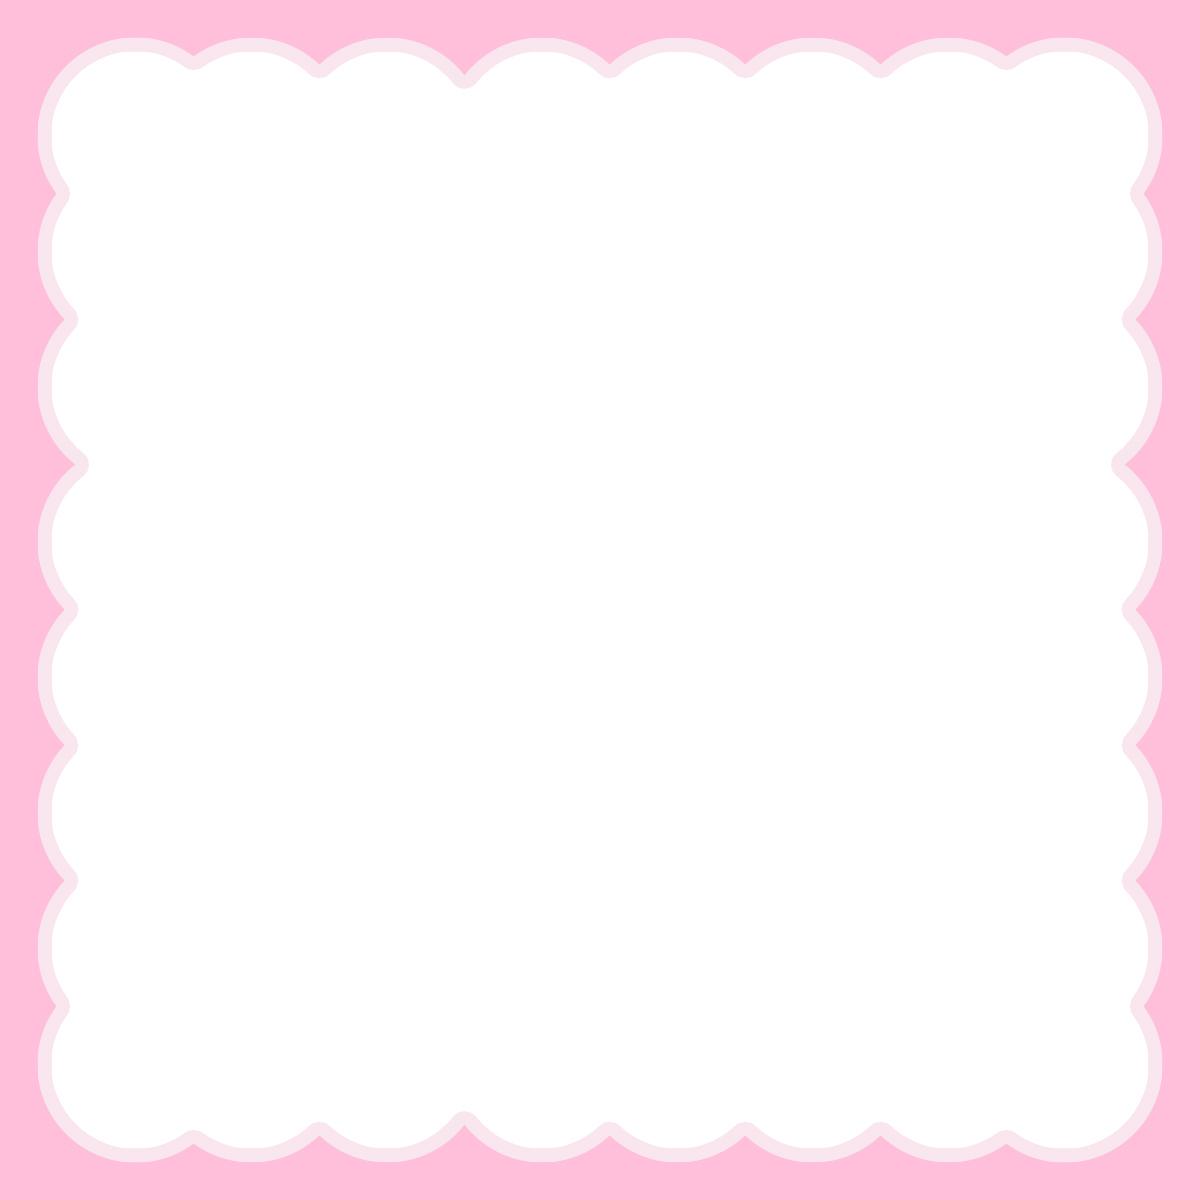 【Instagram用】ピンクのモコモコの背景フレームのイラスト